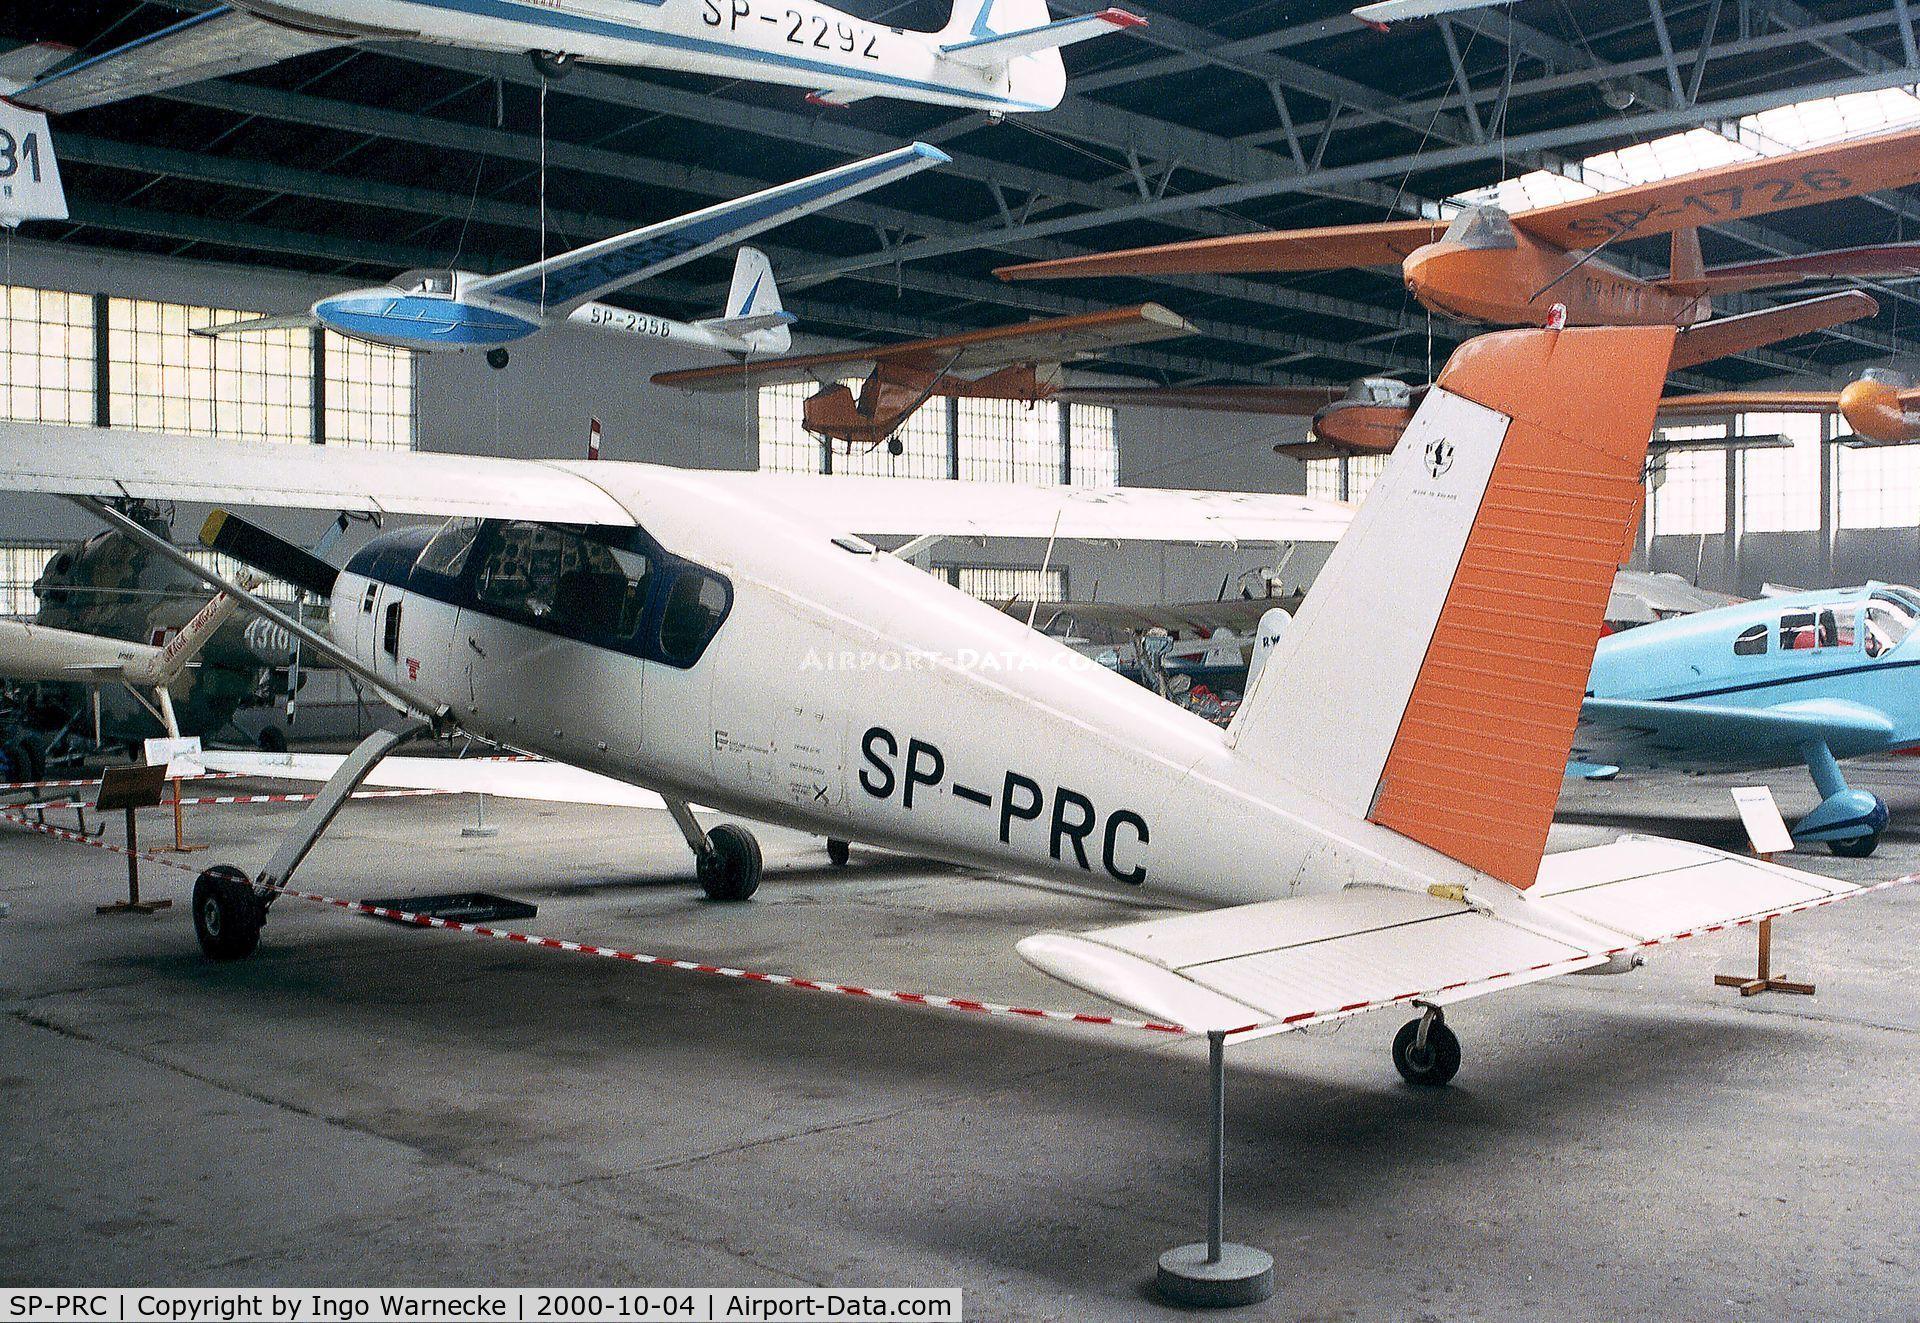 SP-PRC, 1989 PZL-Okecie PZL-105 Flamingo C/N Prototype, PZL-105 Flamingo at the Muzeum Lotnictwa i Astronautyki, Krakow